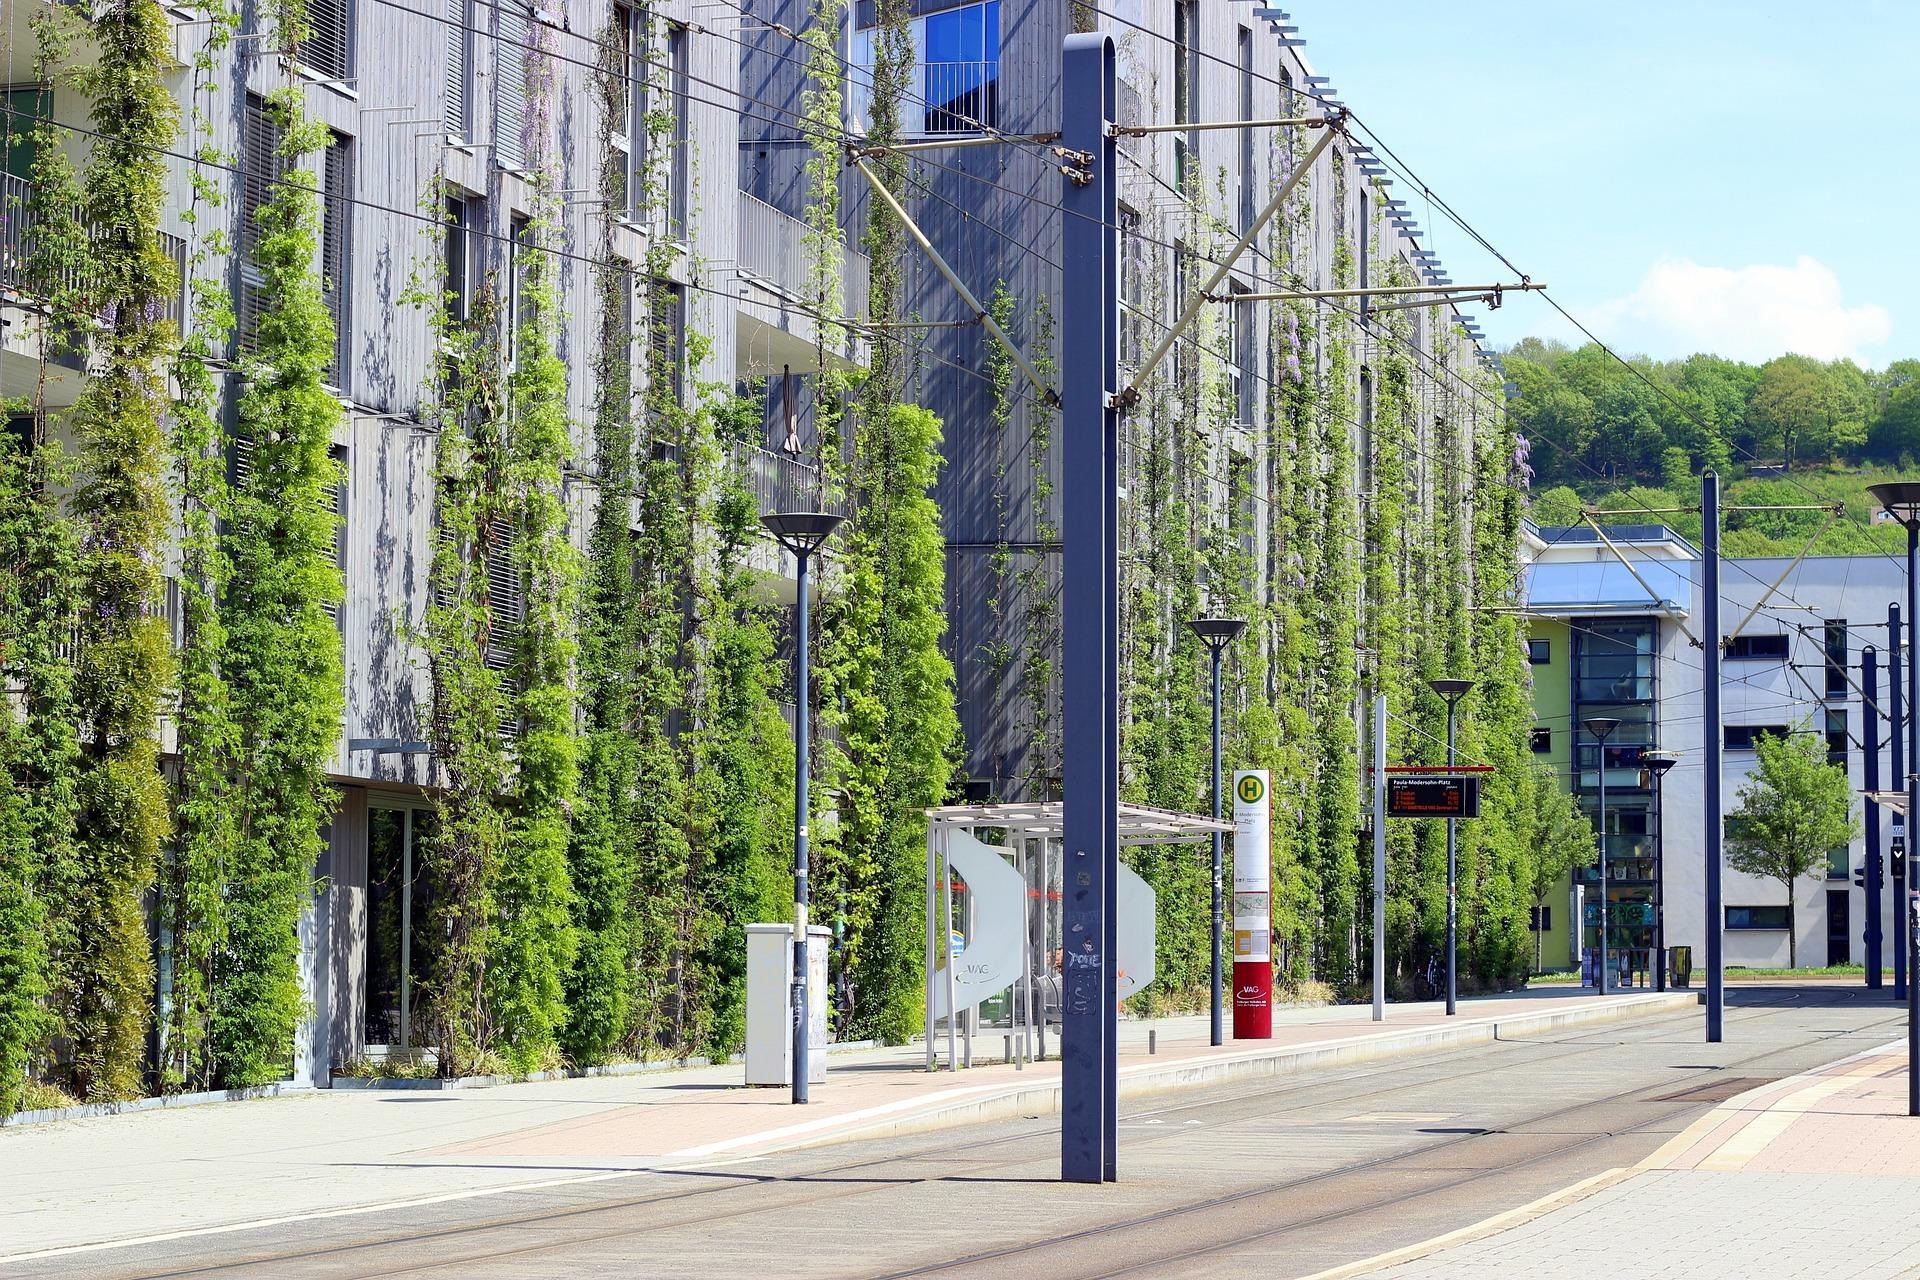 ville durable tram services ecosytemiques